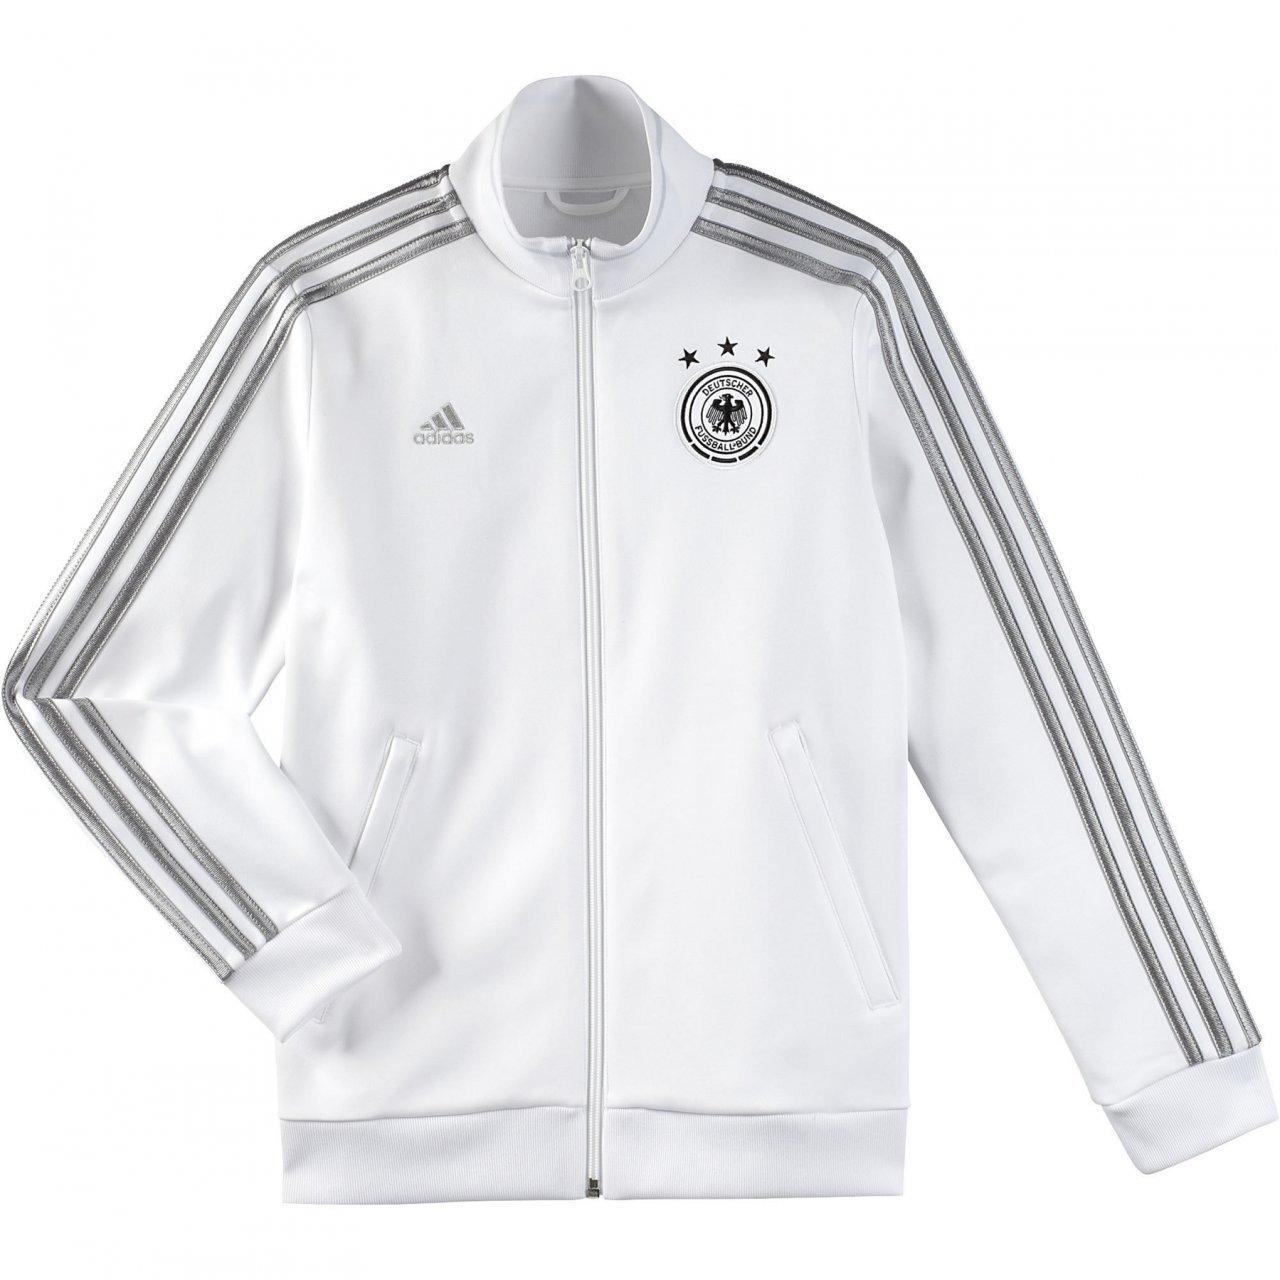 adidas Boy's Deutscher Fussball-Bund Germany Soccer Track Jacket, White, XL